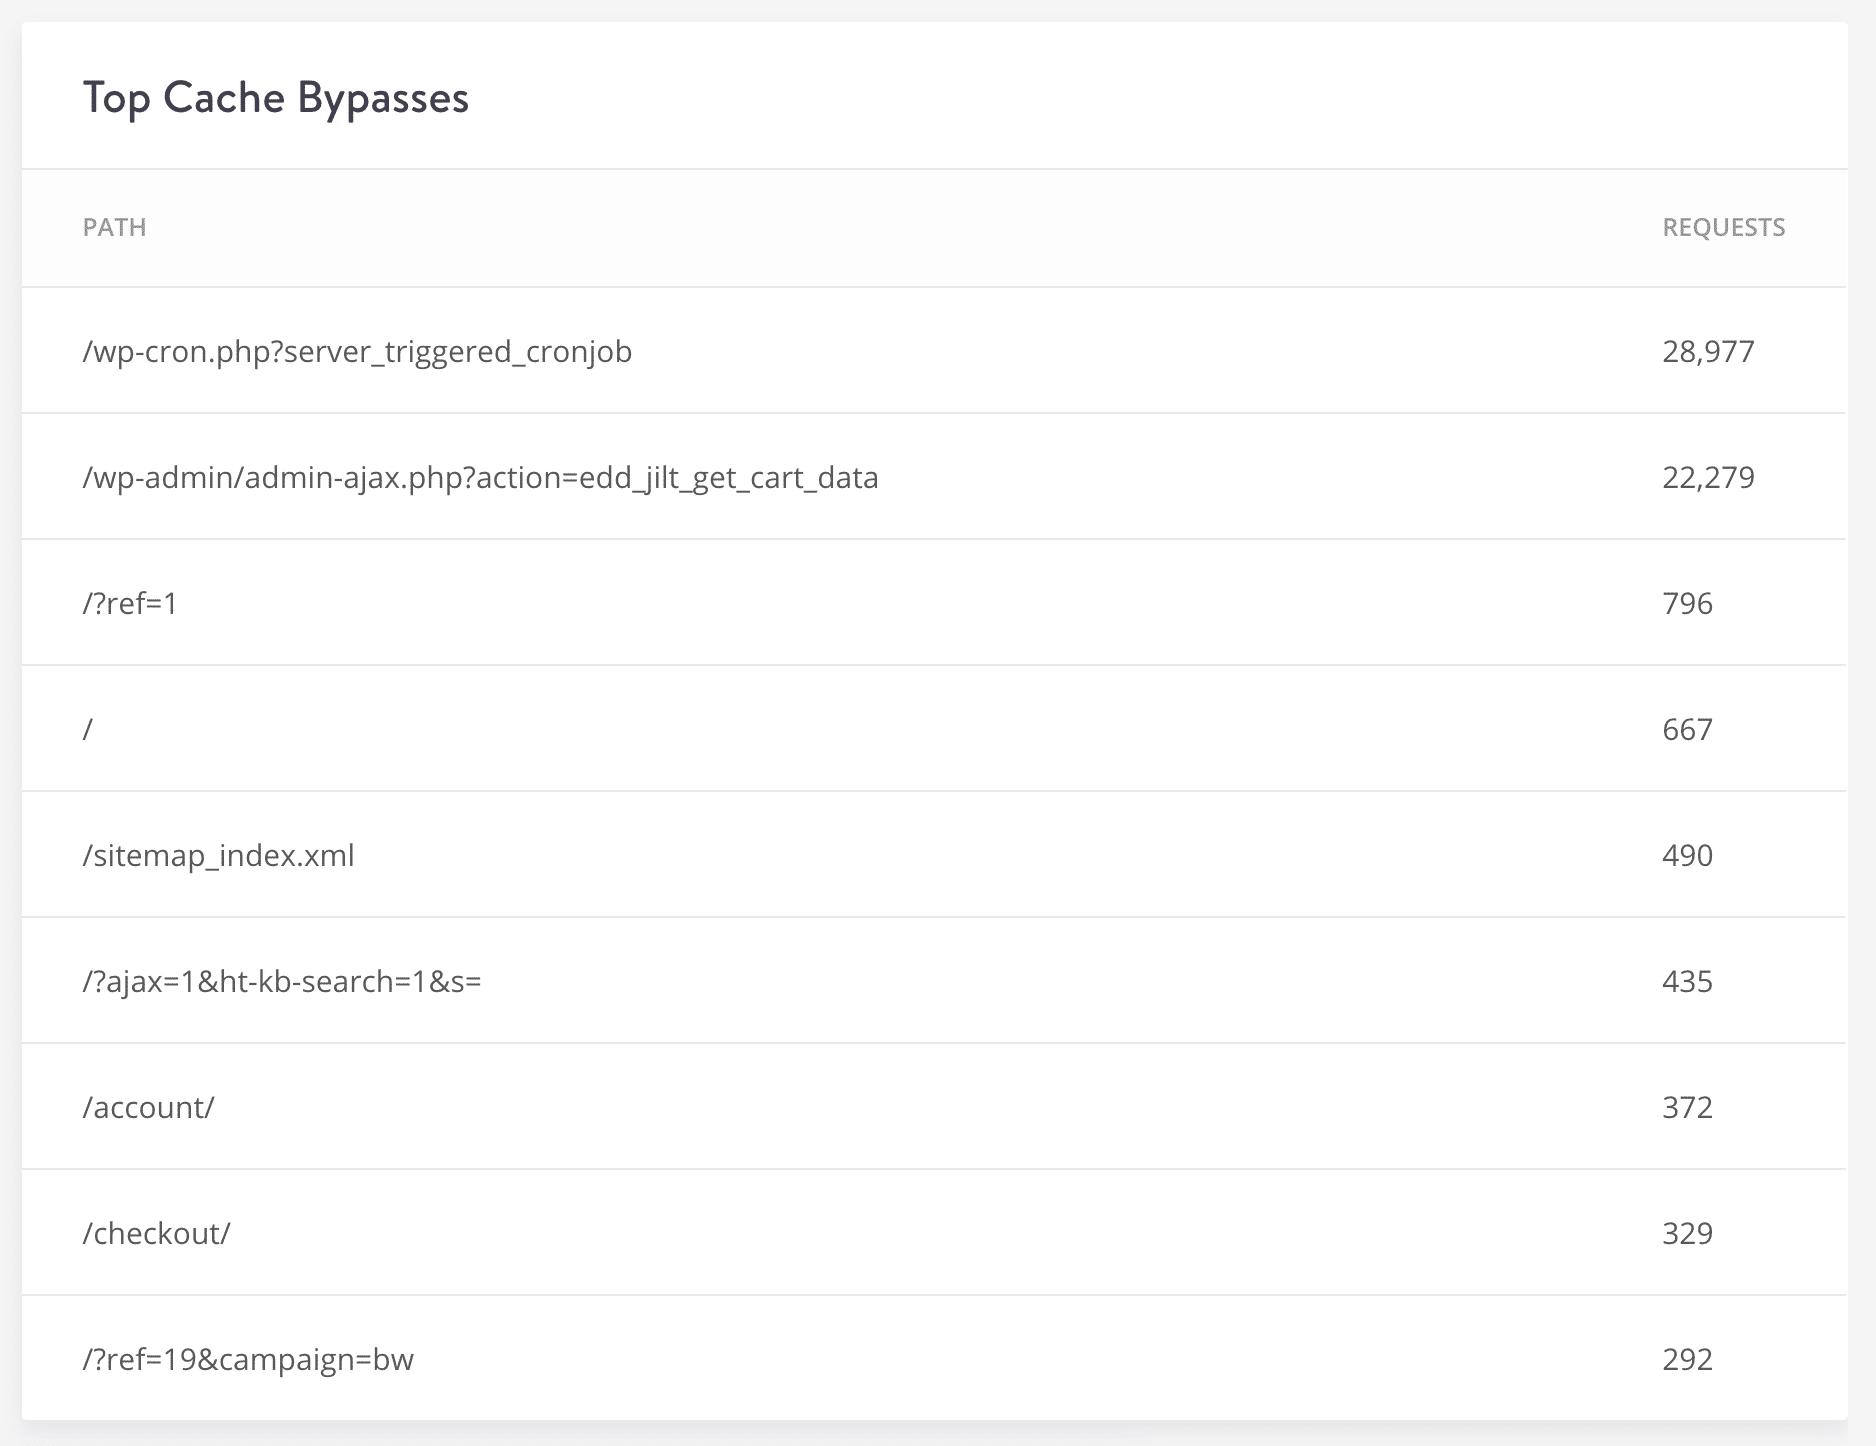 Principali bypass della cache di WordPress